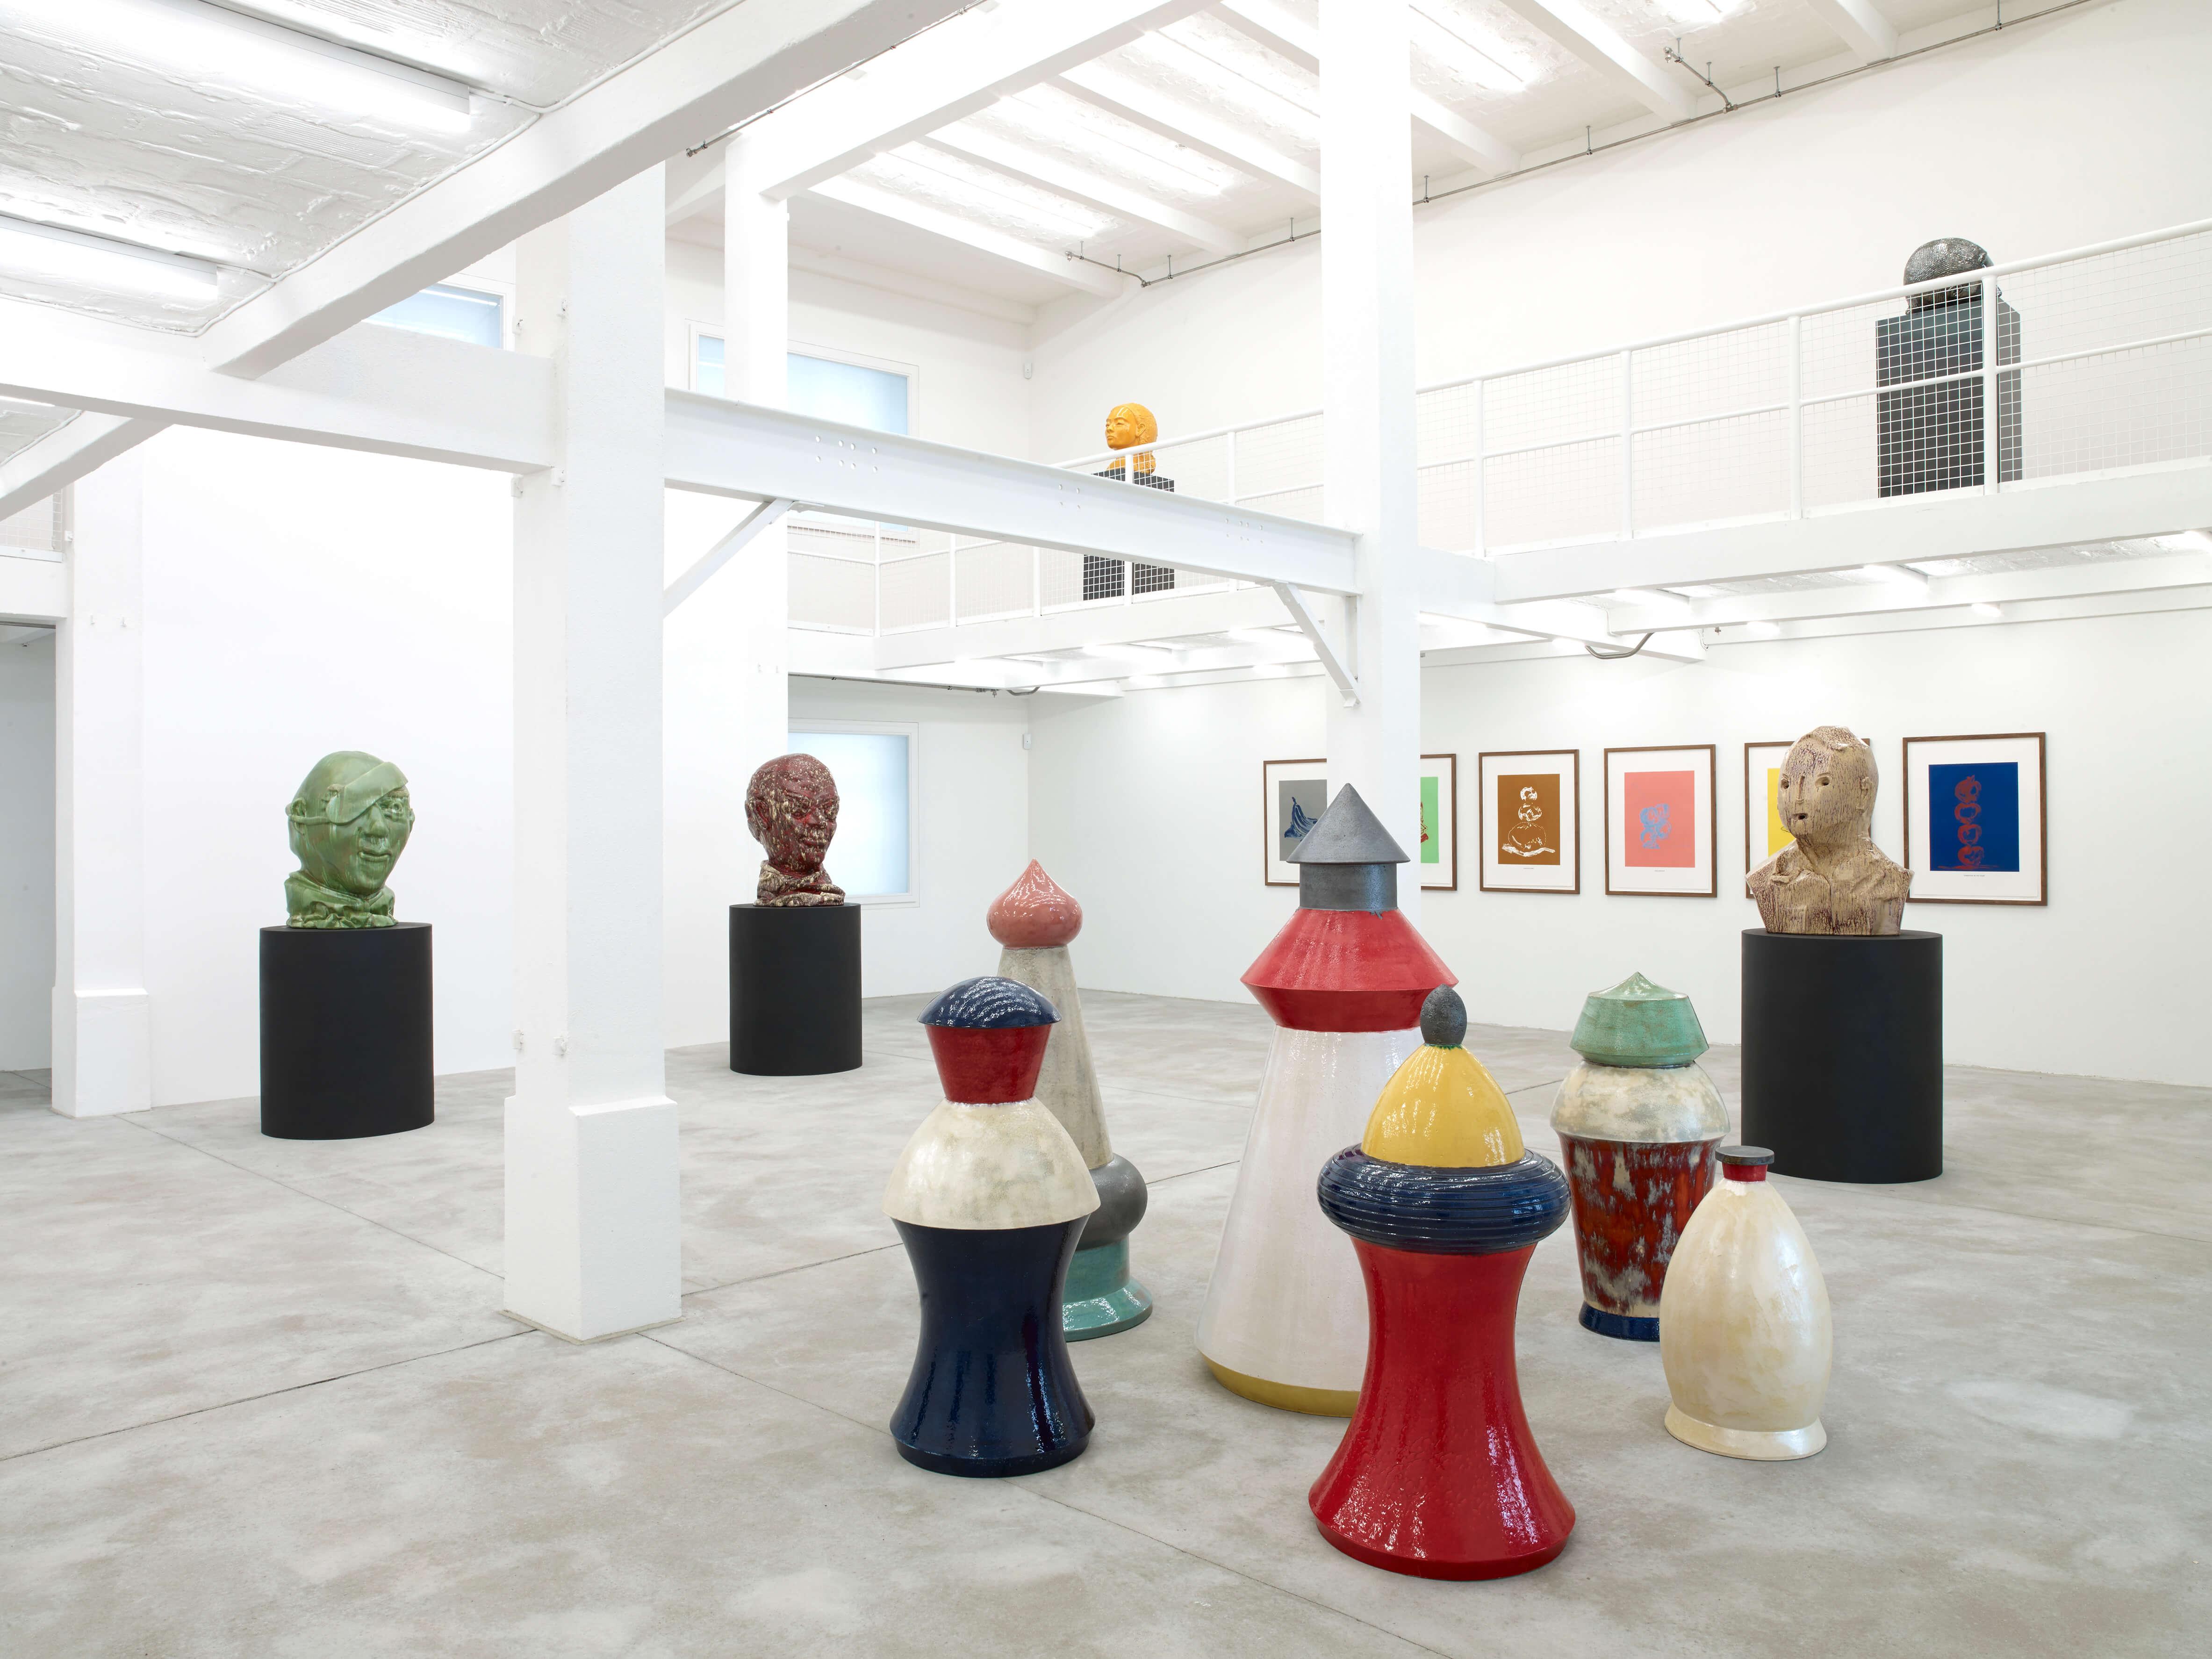 Blick in die Galerie Konrad Fischer mit Gartenzwergen von Thomas Schütte